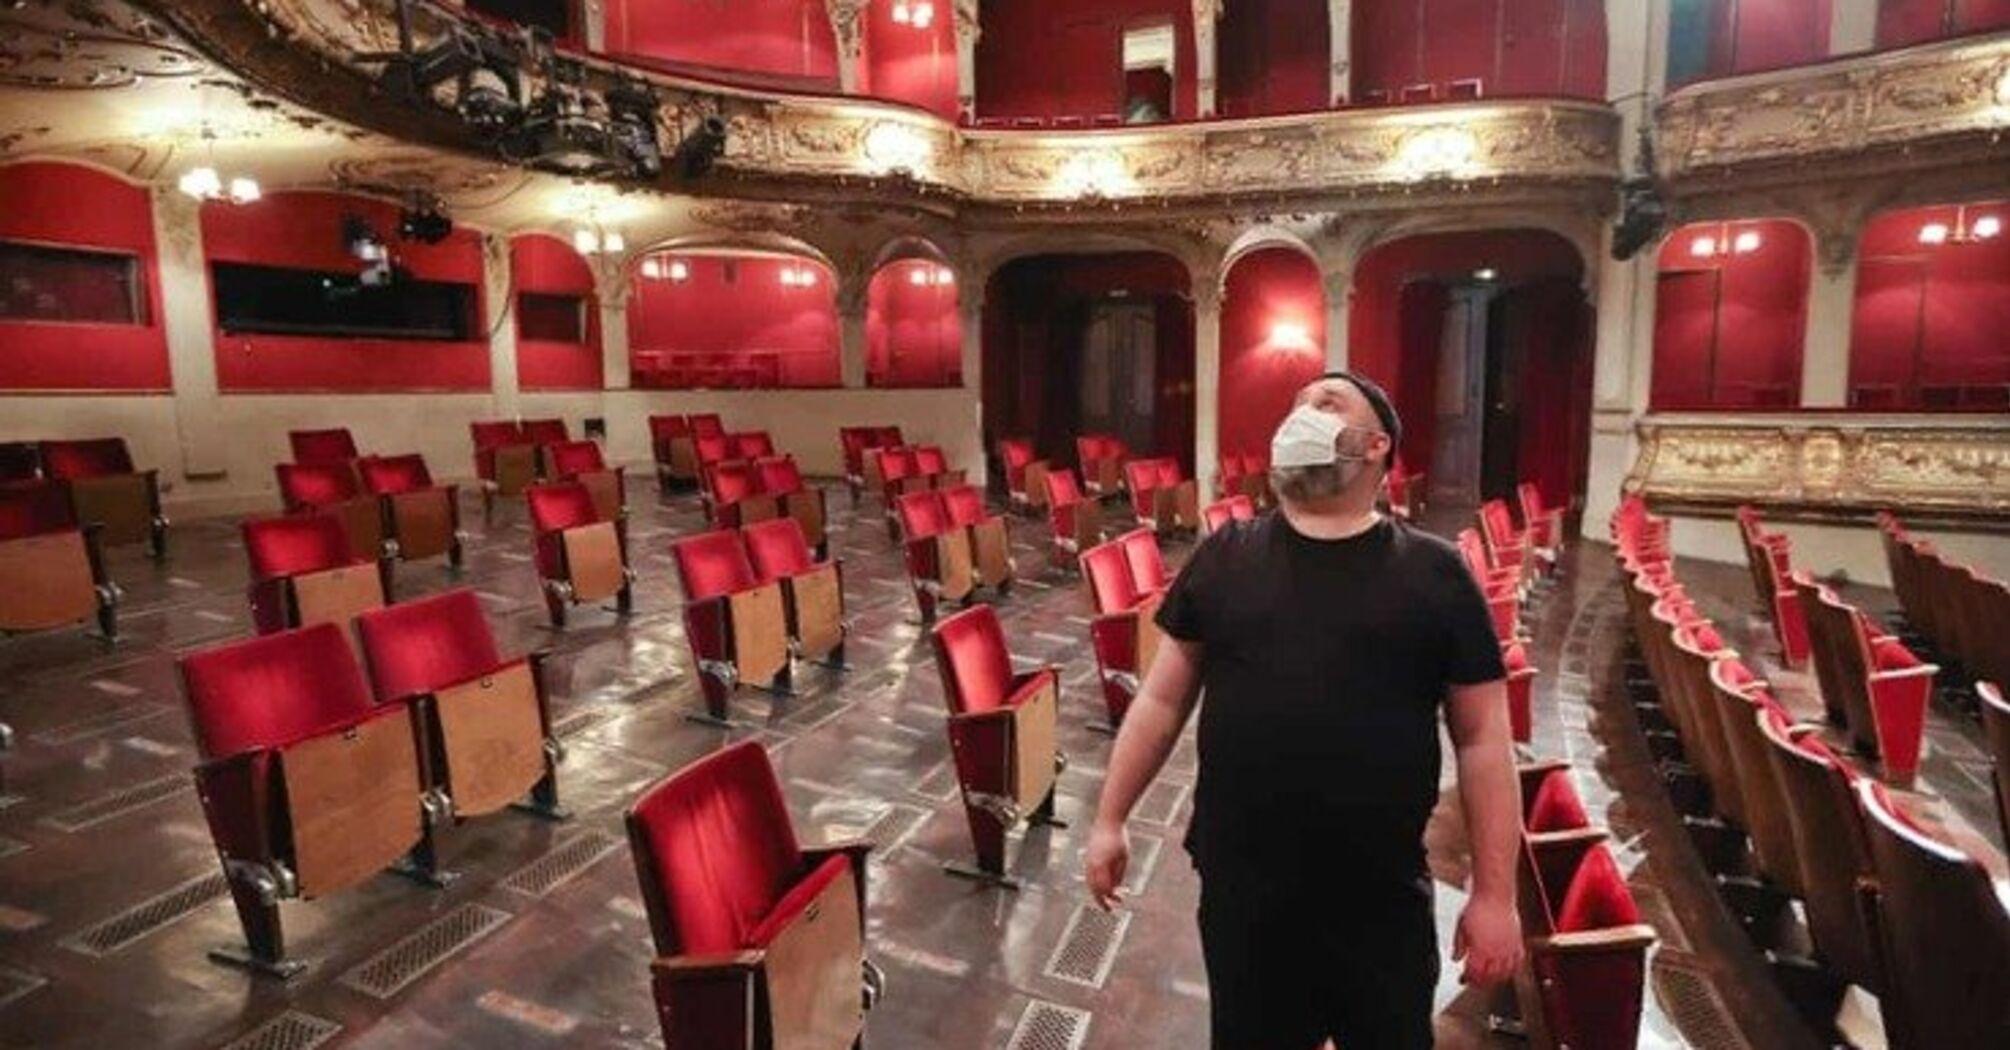 Берлінський театр переоблаштували для роботи після карантину. Що змінилося?